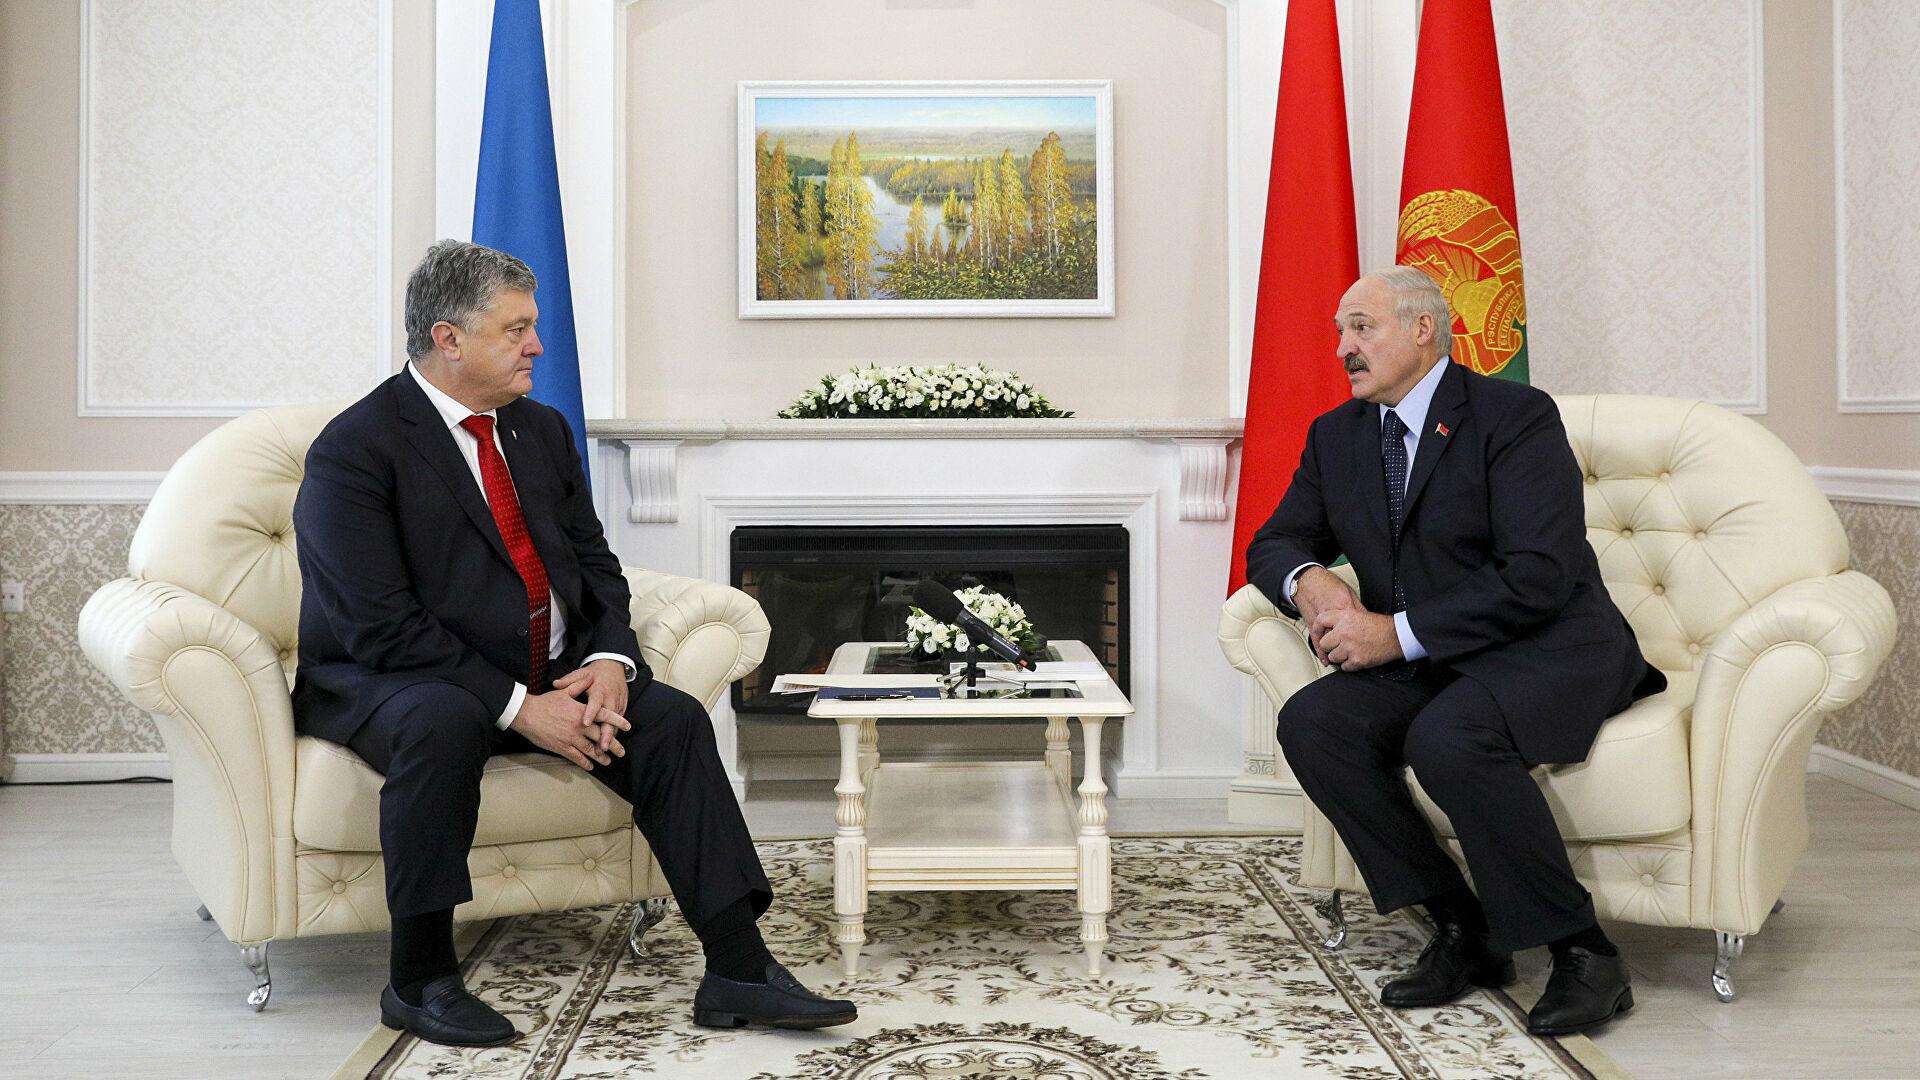 Лукашенко рассказал об откровенной беседе с Порошенко